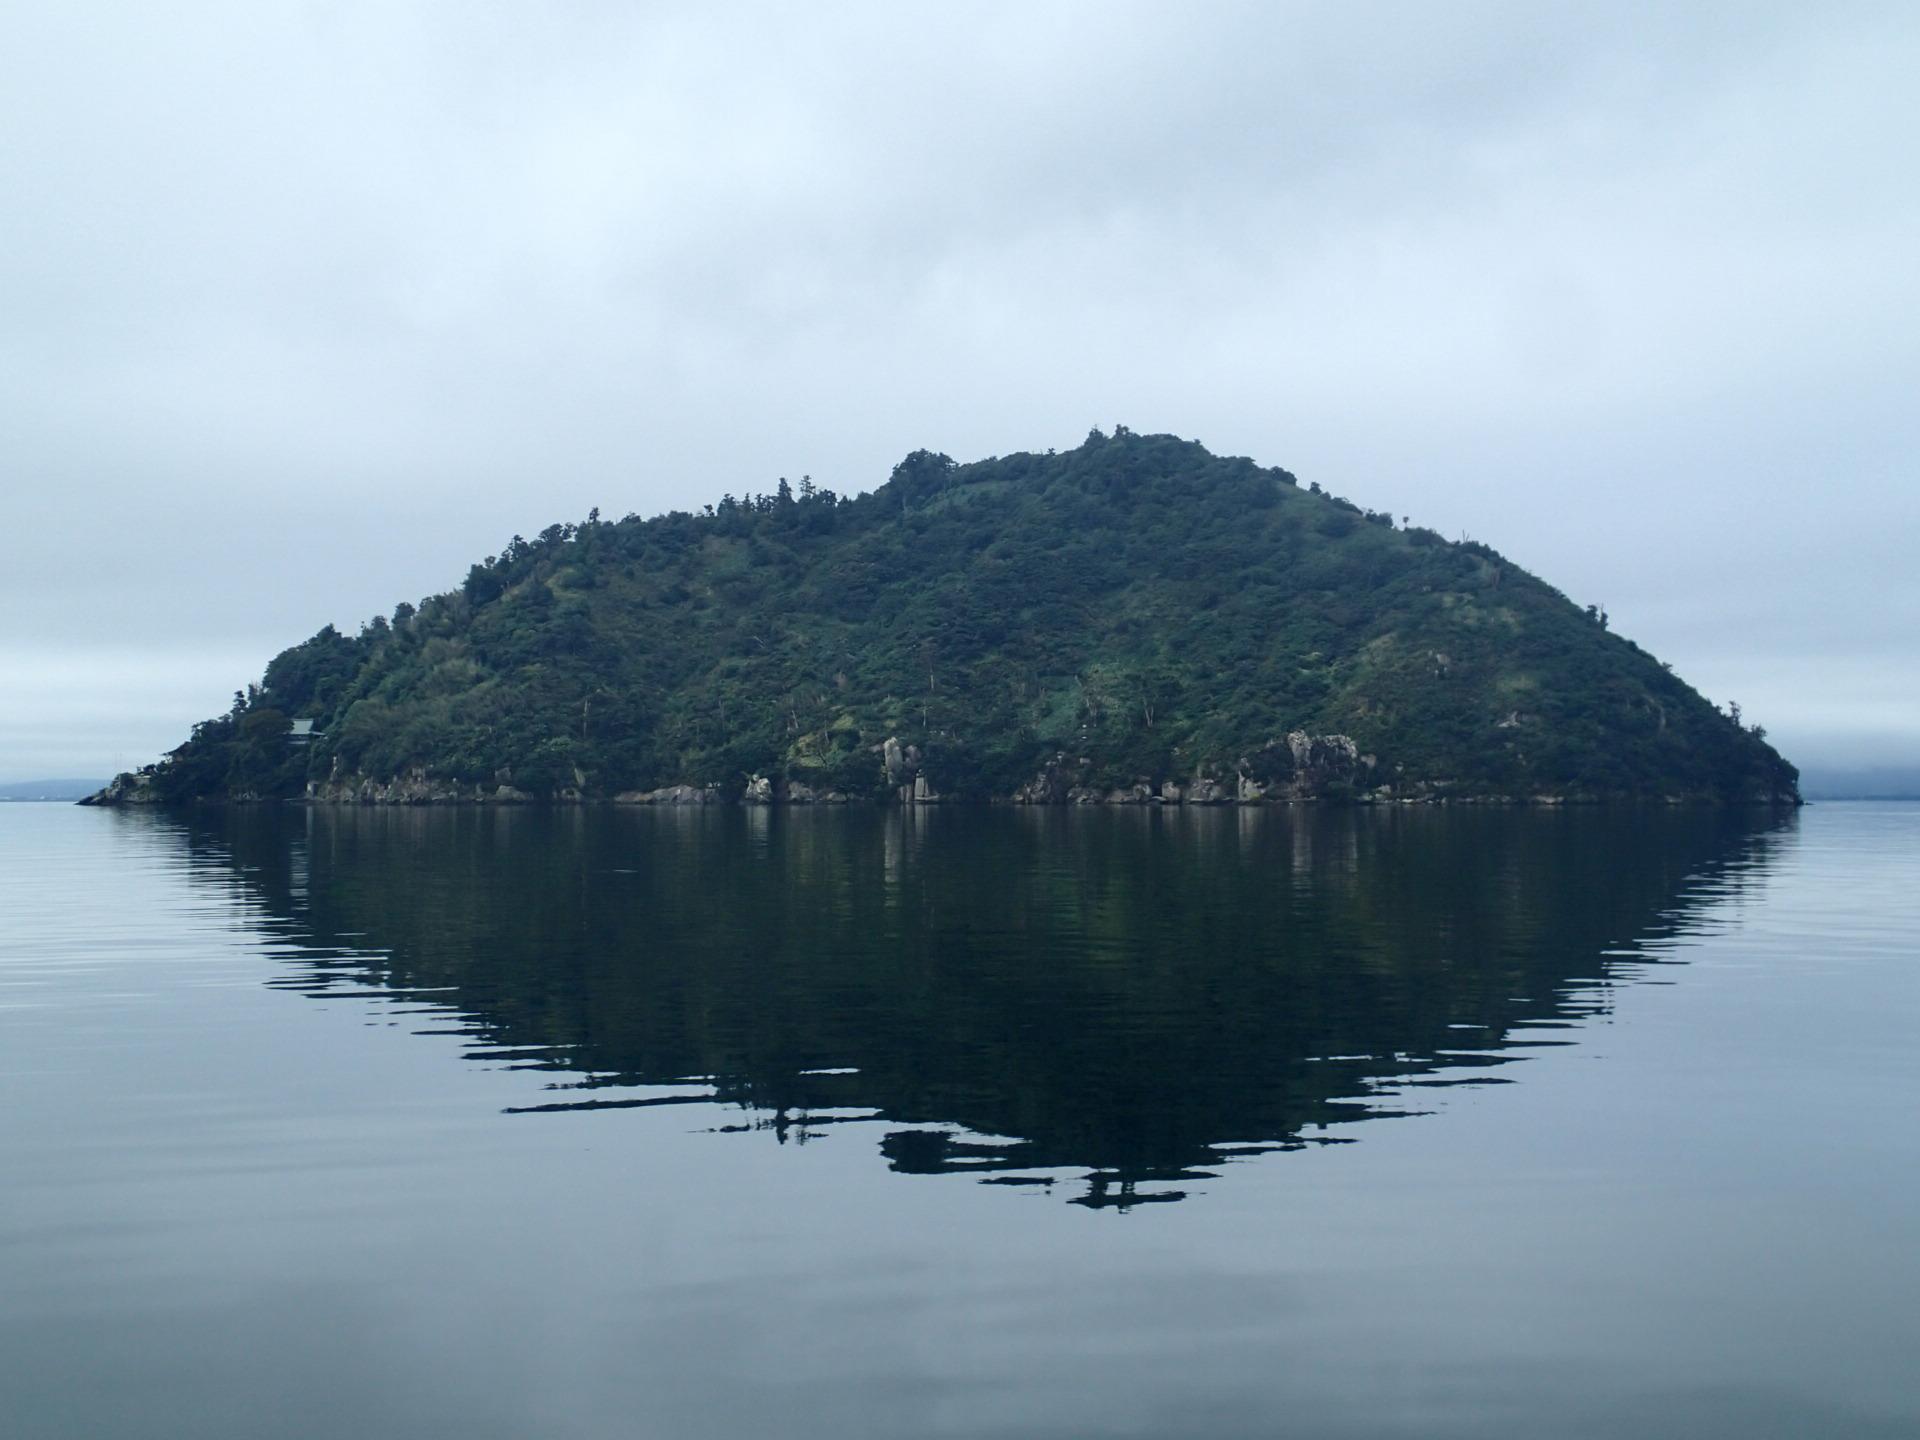 琵琶湖八景「深緑 竹生島の沈影(ちんえい)」。湖に映る島の姿が美しい。